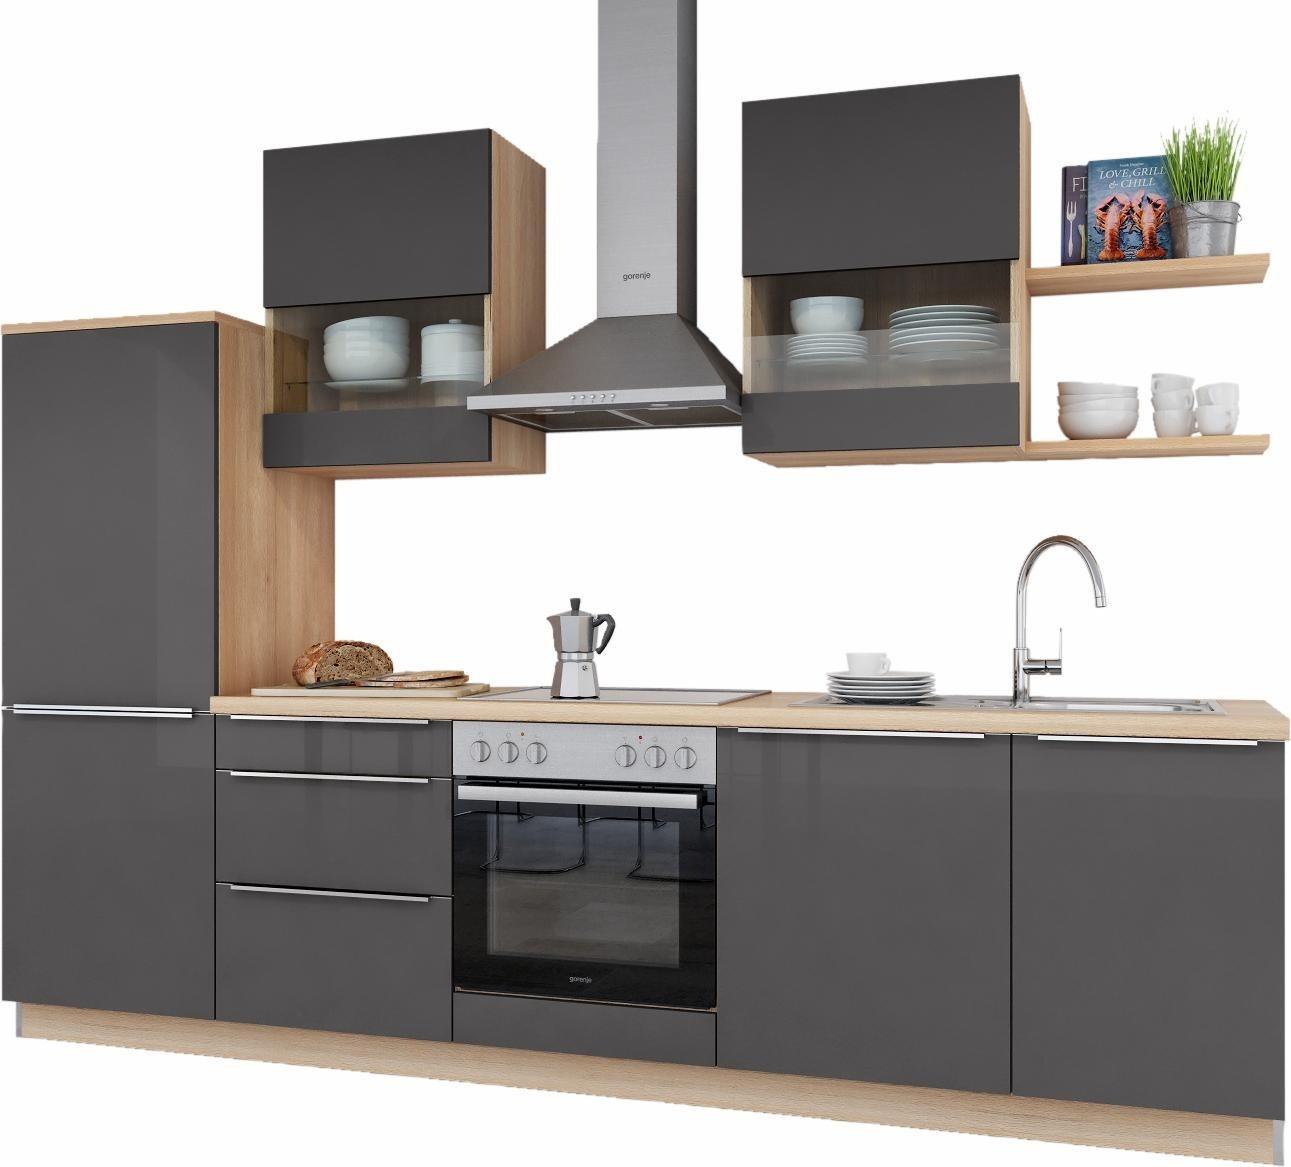 Küchenzeile Erle ~ arbeitsplatte erle preisvergleiche, erfahrungsberichte und kauf bei nextag